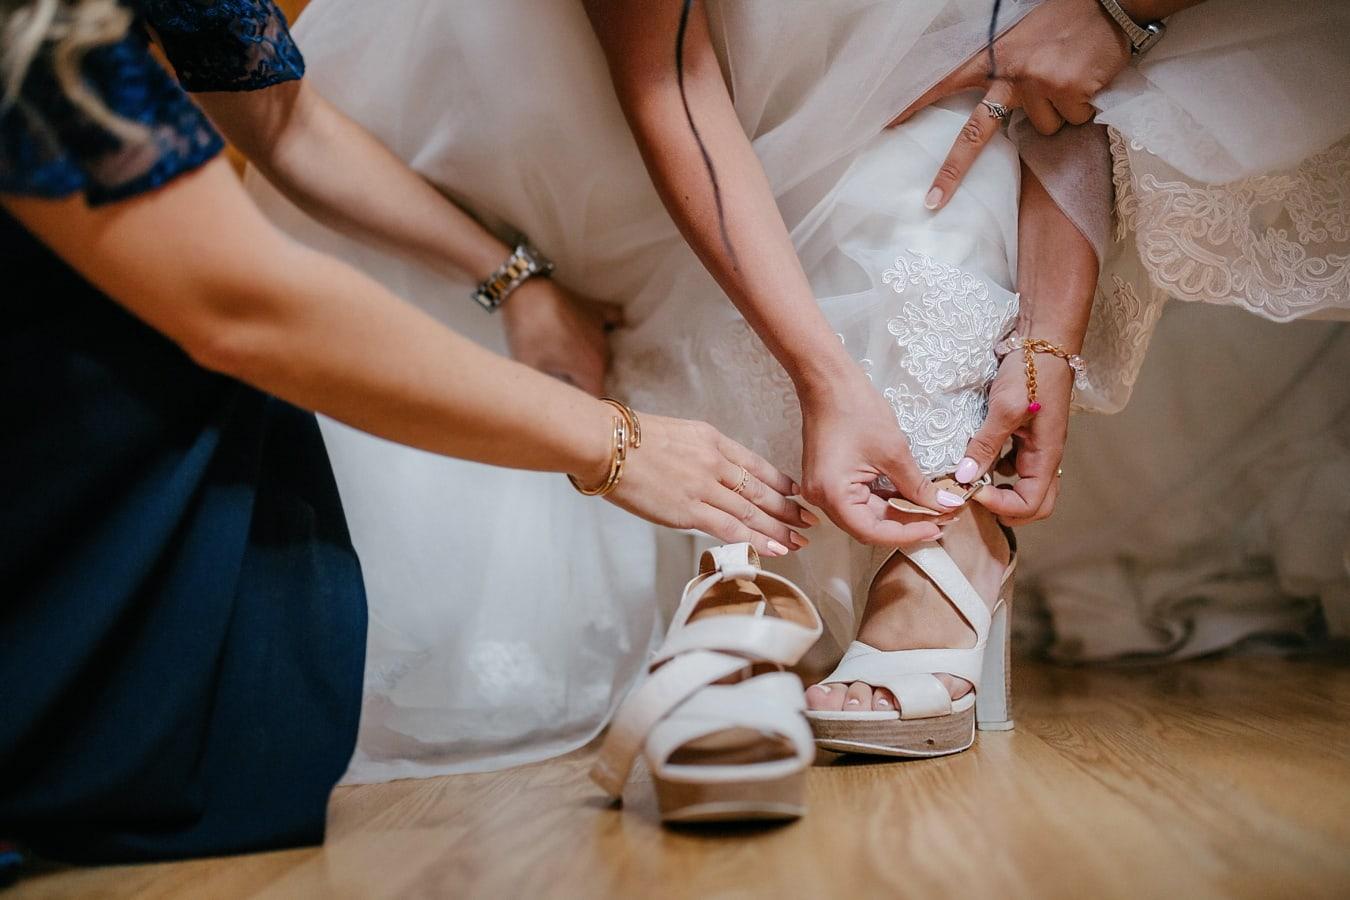 sandale, blanc, fantaisie, robe de mariée, bracelet, mains, bijoux, jeune fille, femme, la mariée